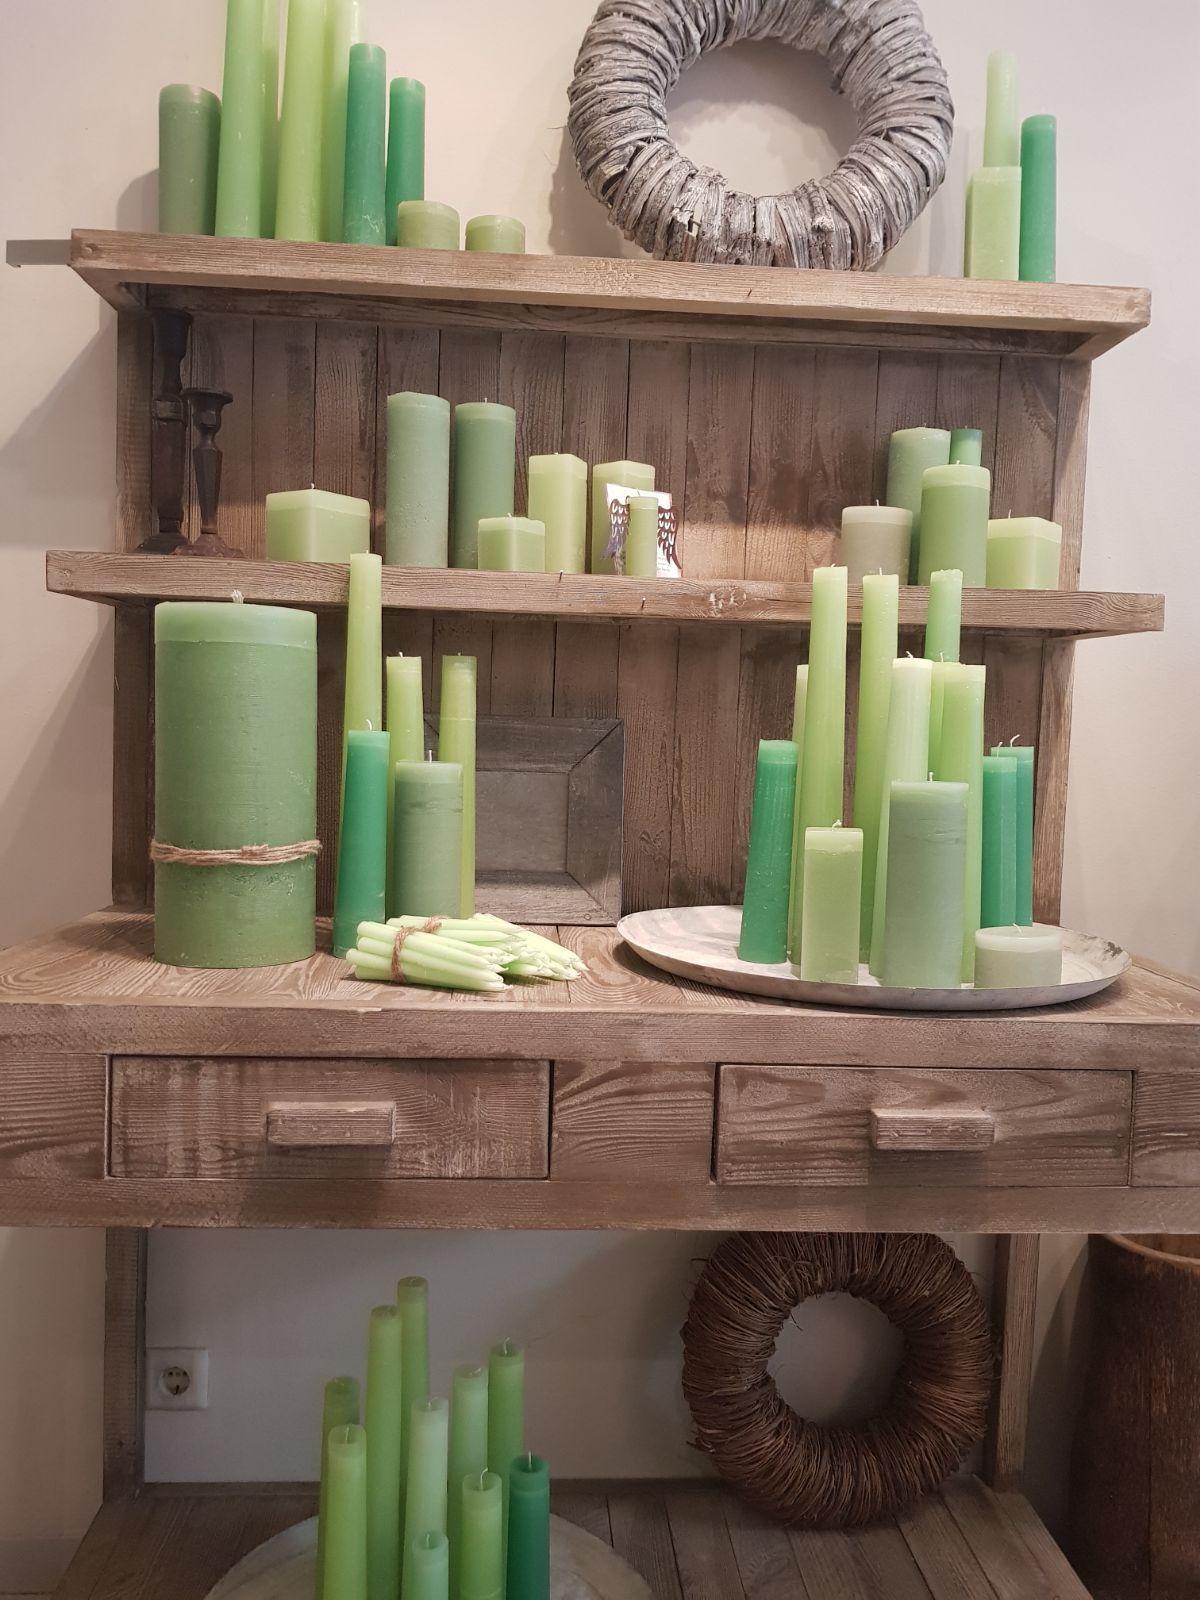 Kerzen Hochwertig Durchgefarbte Kerzen Aus Eigener Herstellung